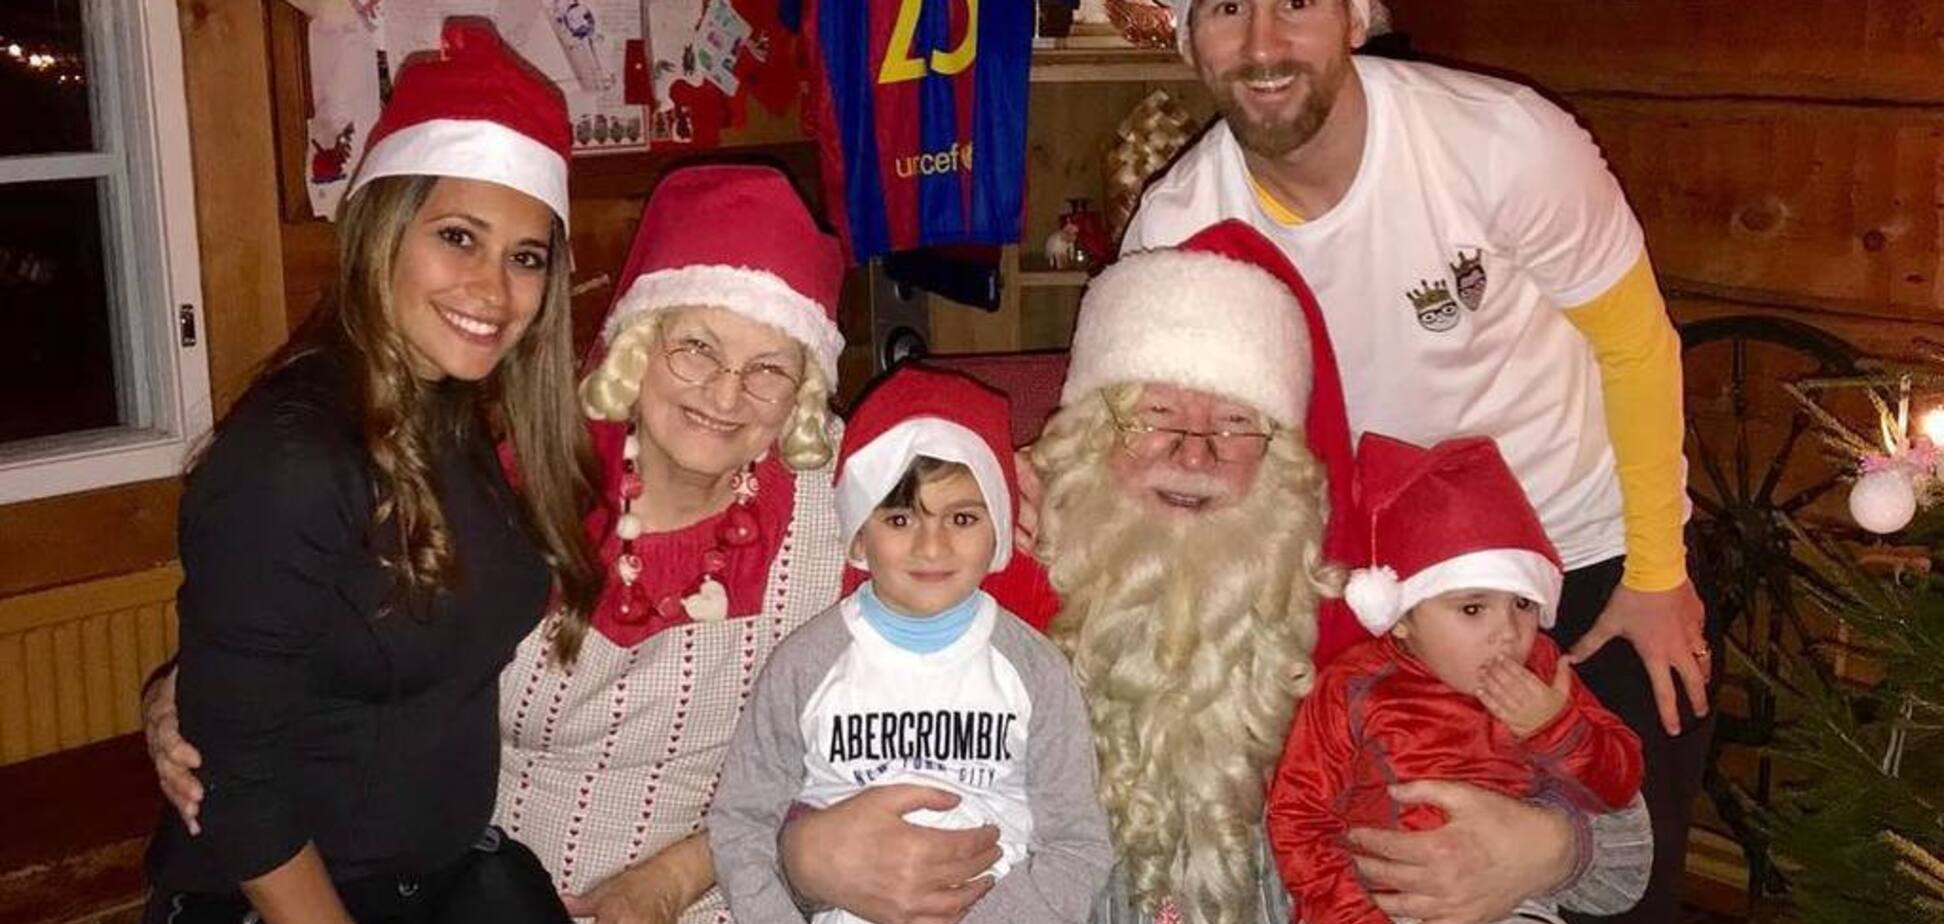 15 мільйонів доларів: Мессі зробив суперподарунок сім'ї на Різдво